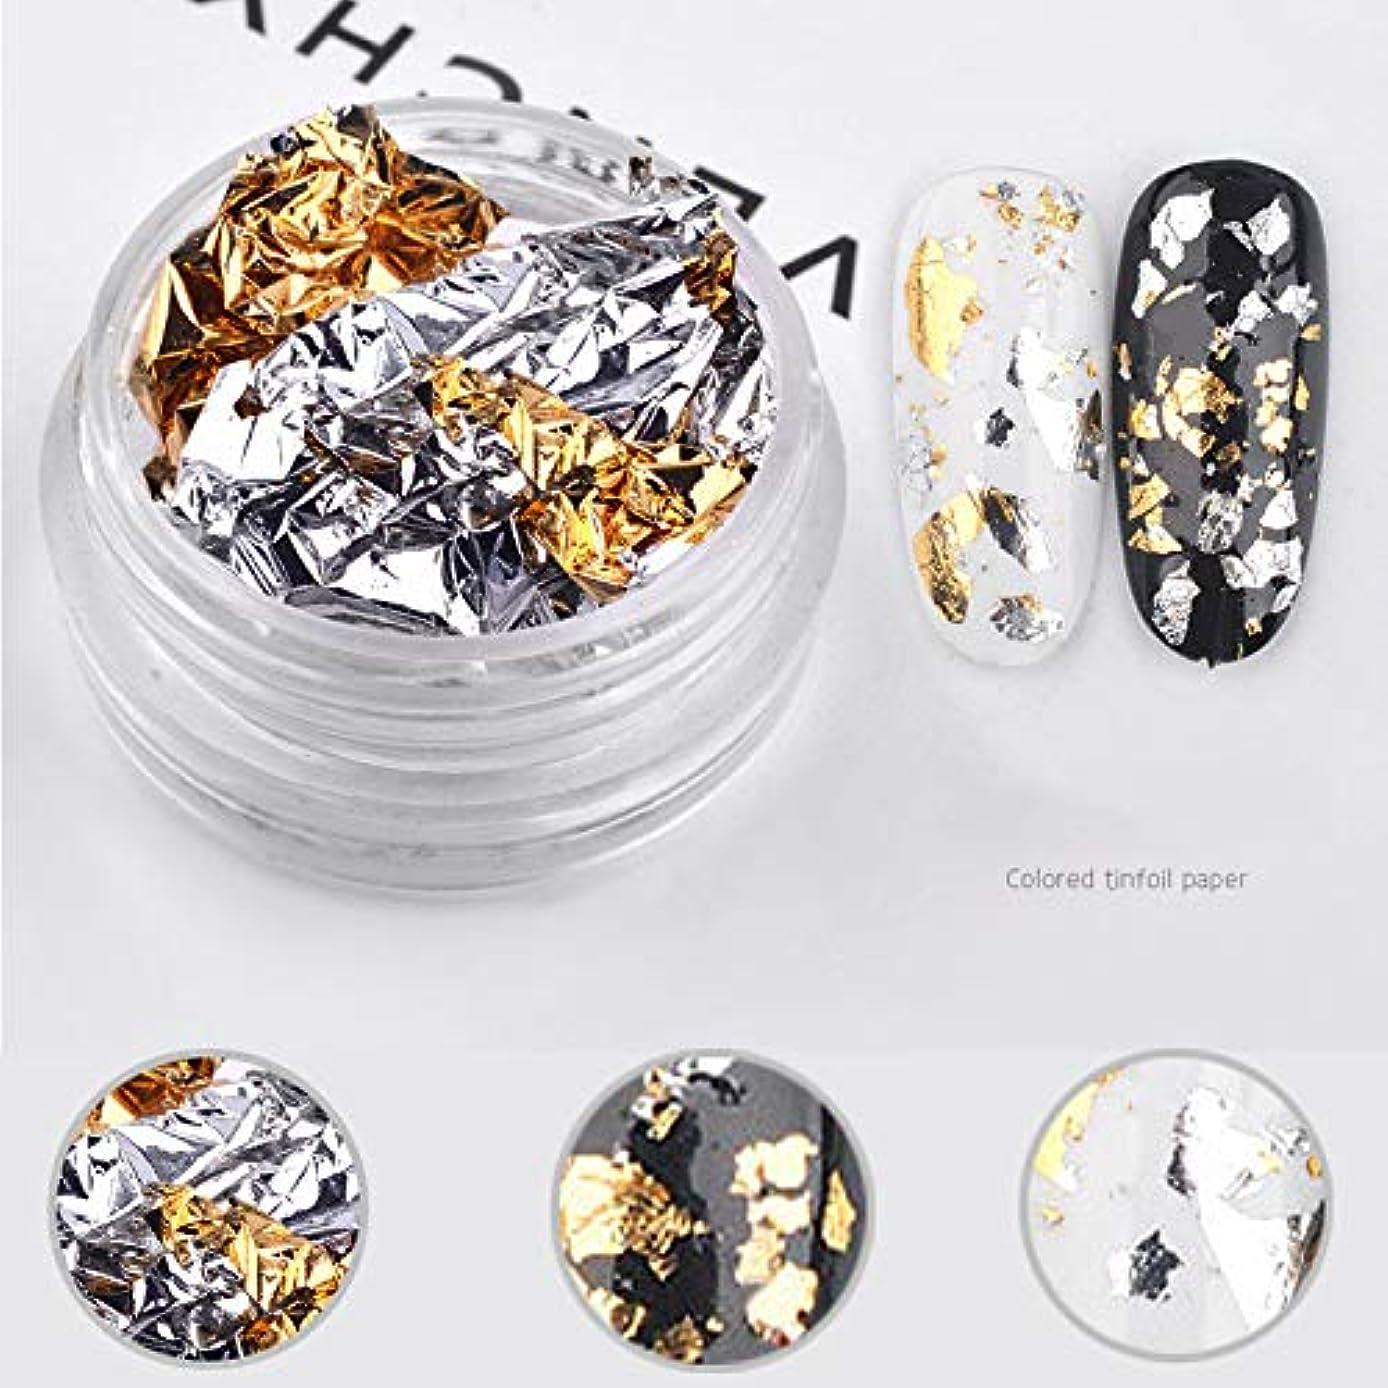 本質的にエラー観察ICYCHEER 爪フレークチップ箔紙ゴールドカラフルなシルバースパンコールネイルアートフレーク箔 3D ネイルアートグリッターステッカー装飾 (goldsilver)